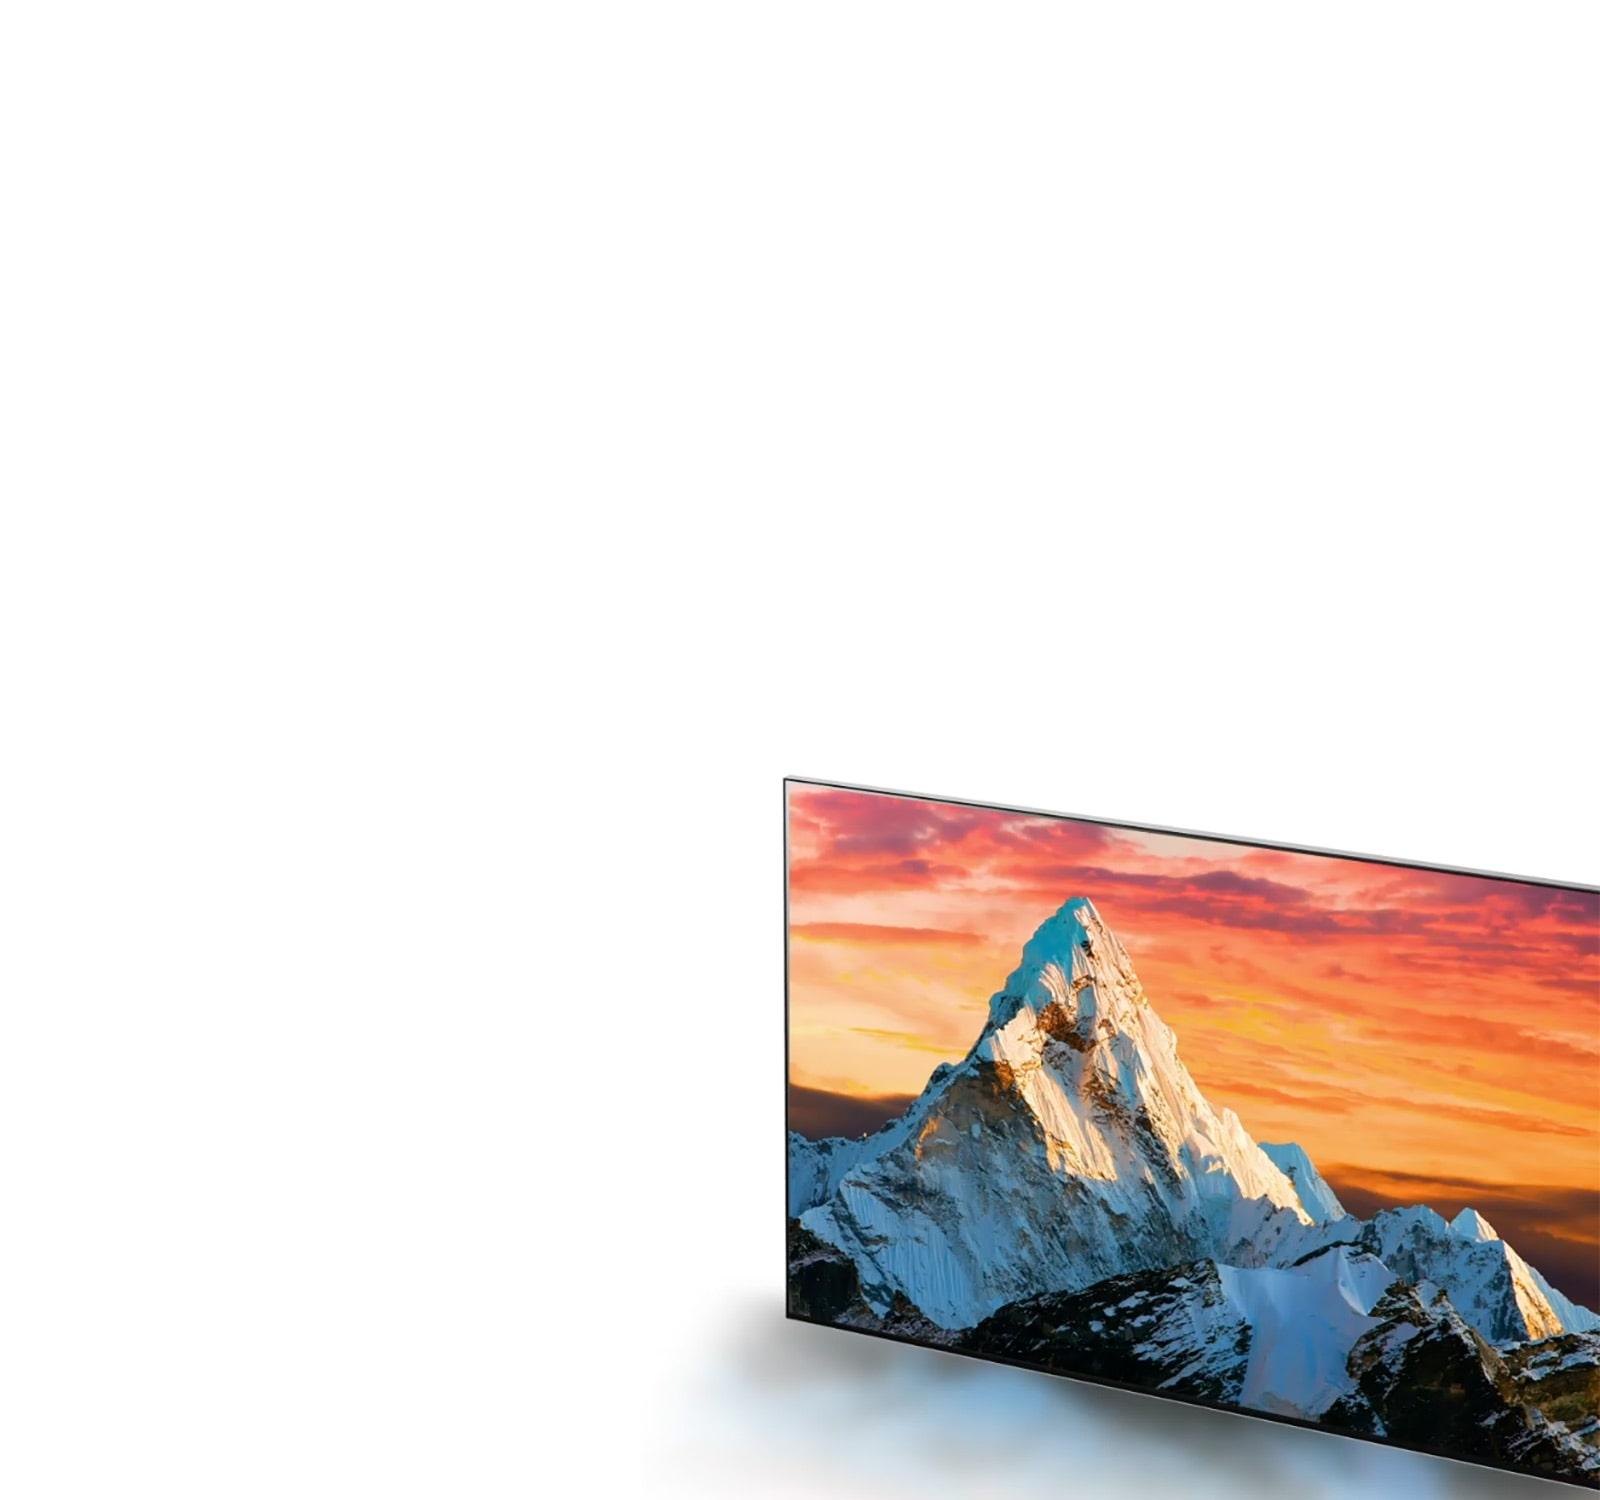 Экран телевизора, на котором показана гора на фоне оранжевого заката, по мере ее приближения детали становятся более четкими (воспроизвести видео).